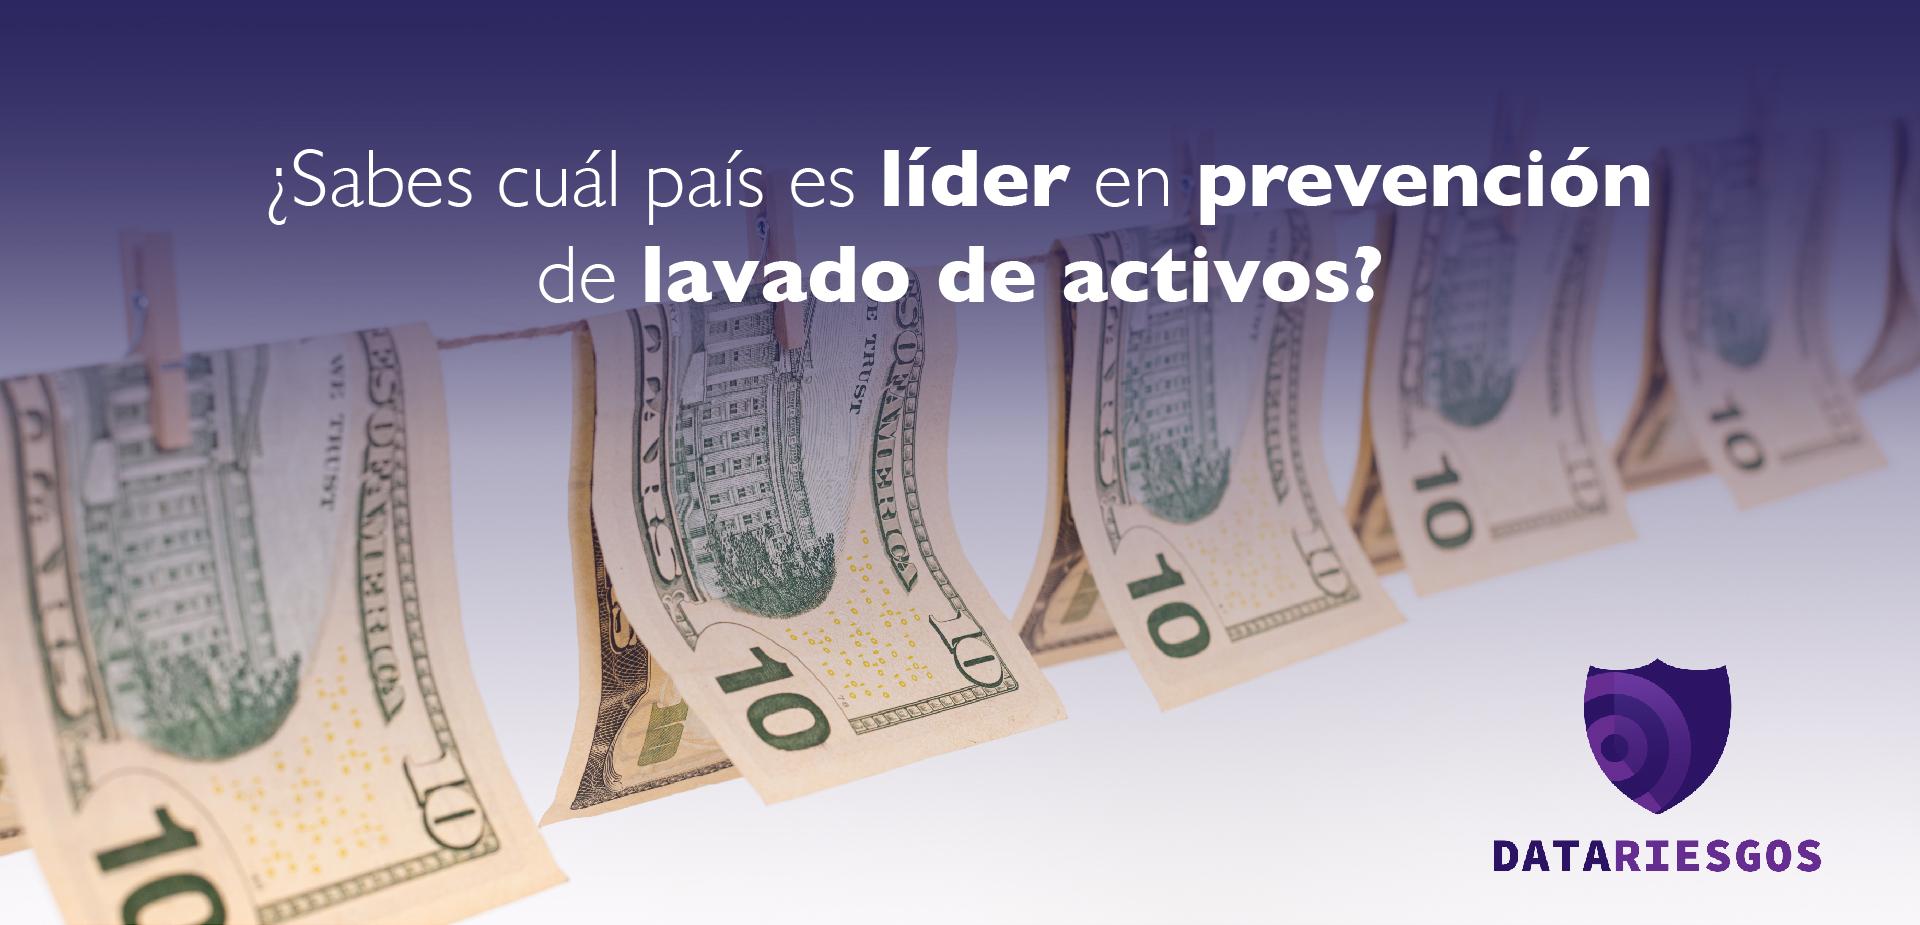 Data Riesgos, Colombia líder en prevención LAFT